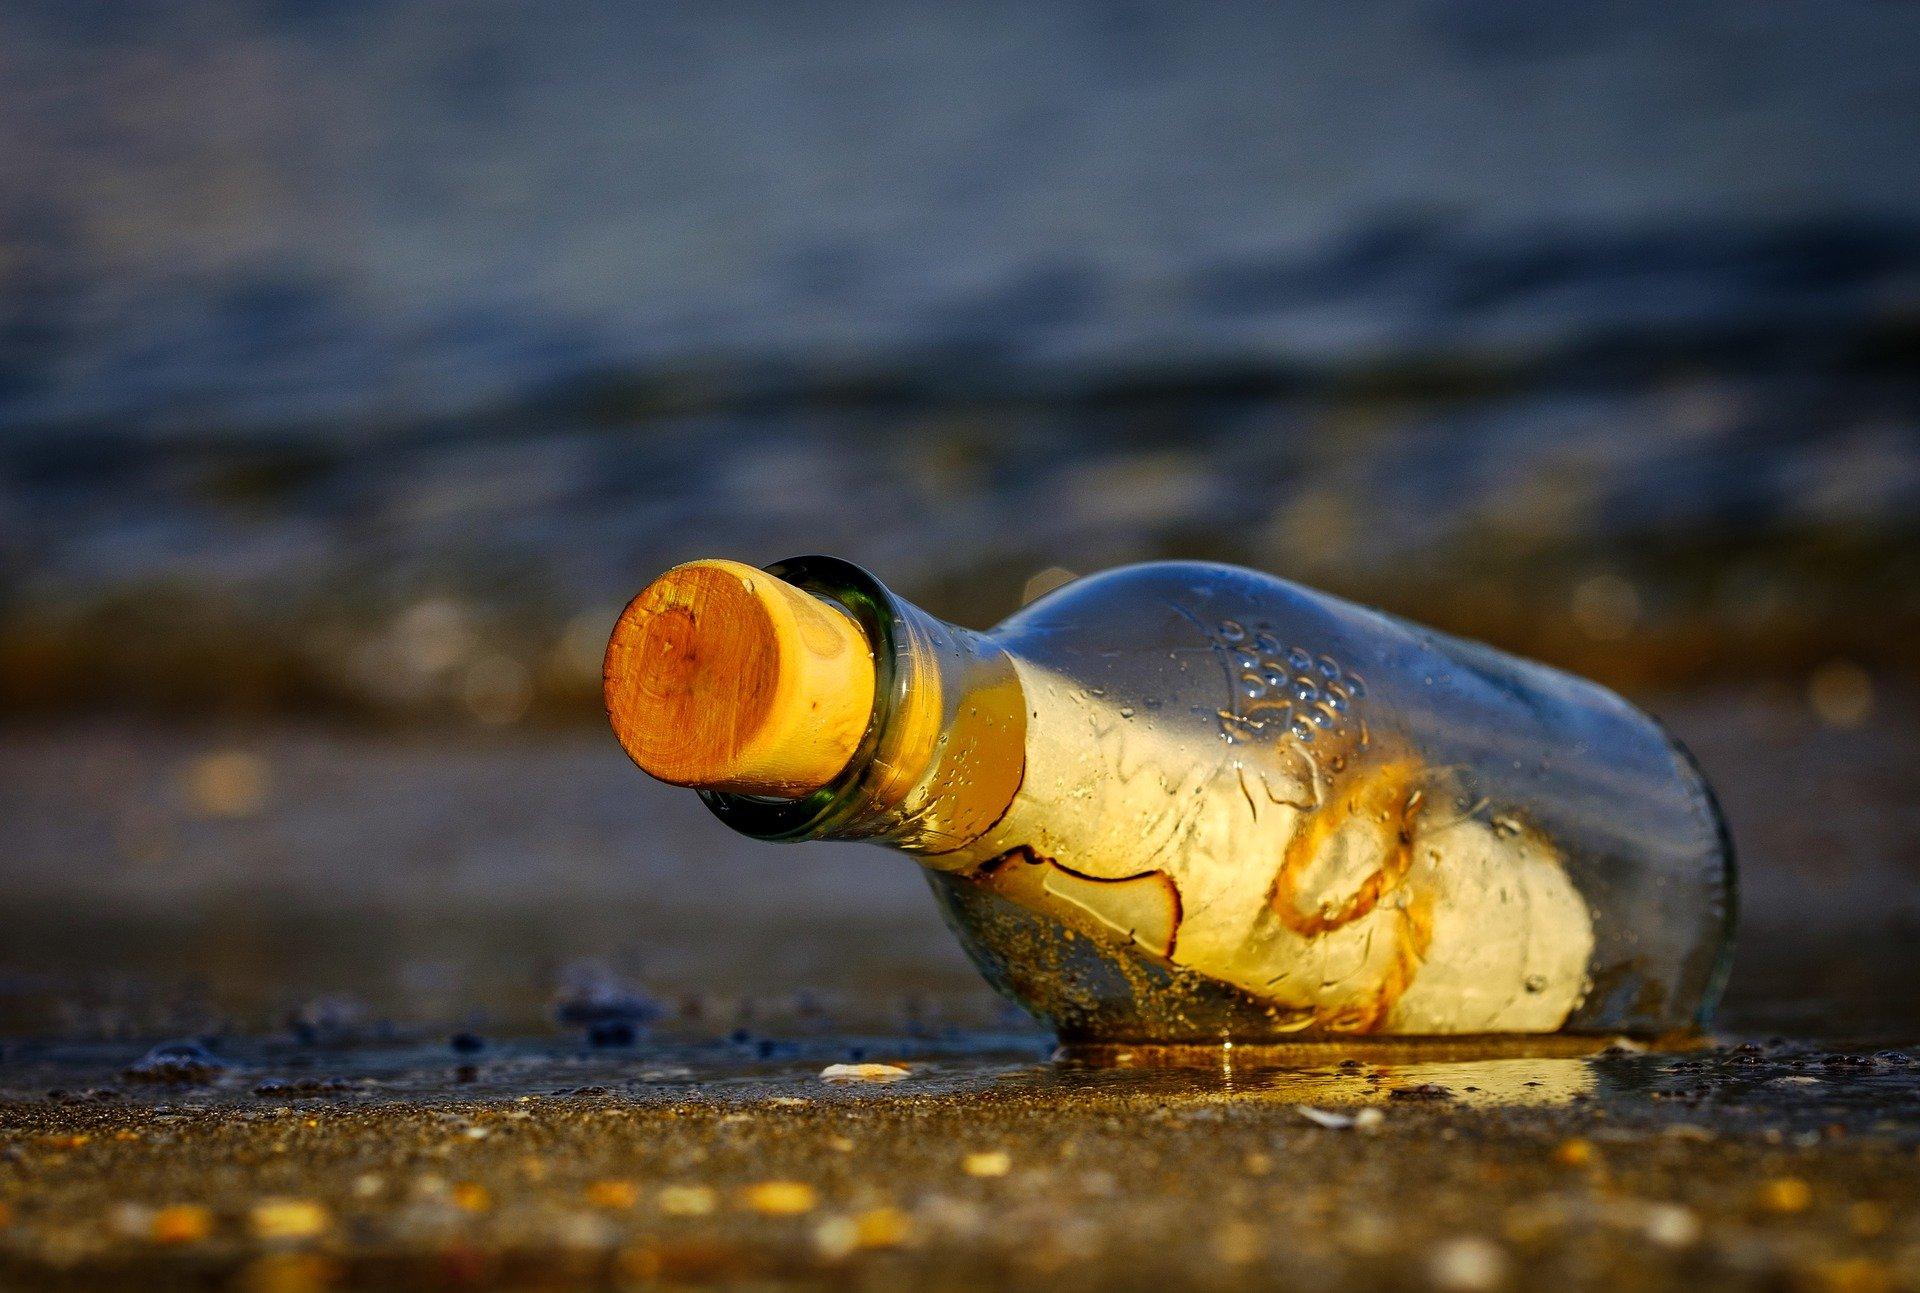 Βρέθηκε το παλαιότερο μήνυμα σε μπουκάλι στον κόσμο – Είχε πεταχτεί στη θάλασσα το 1886